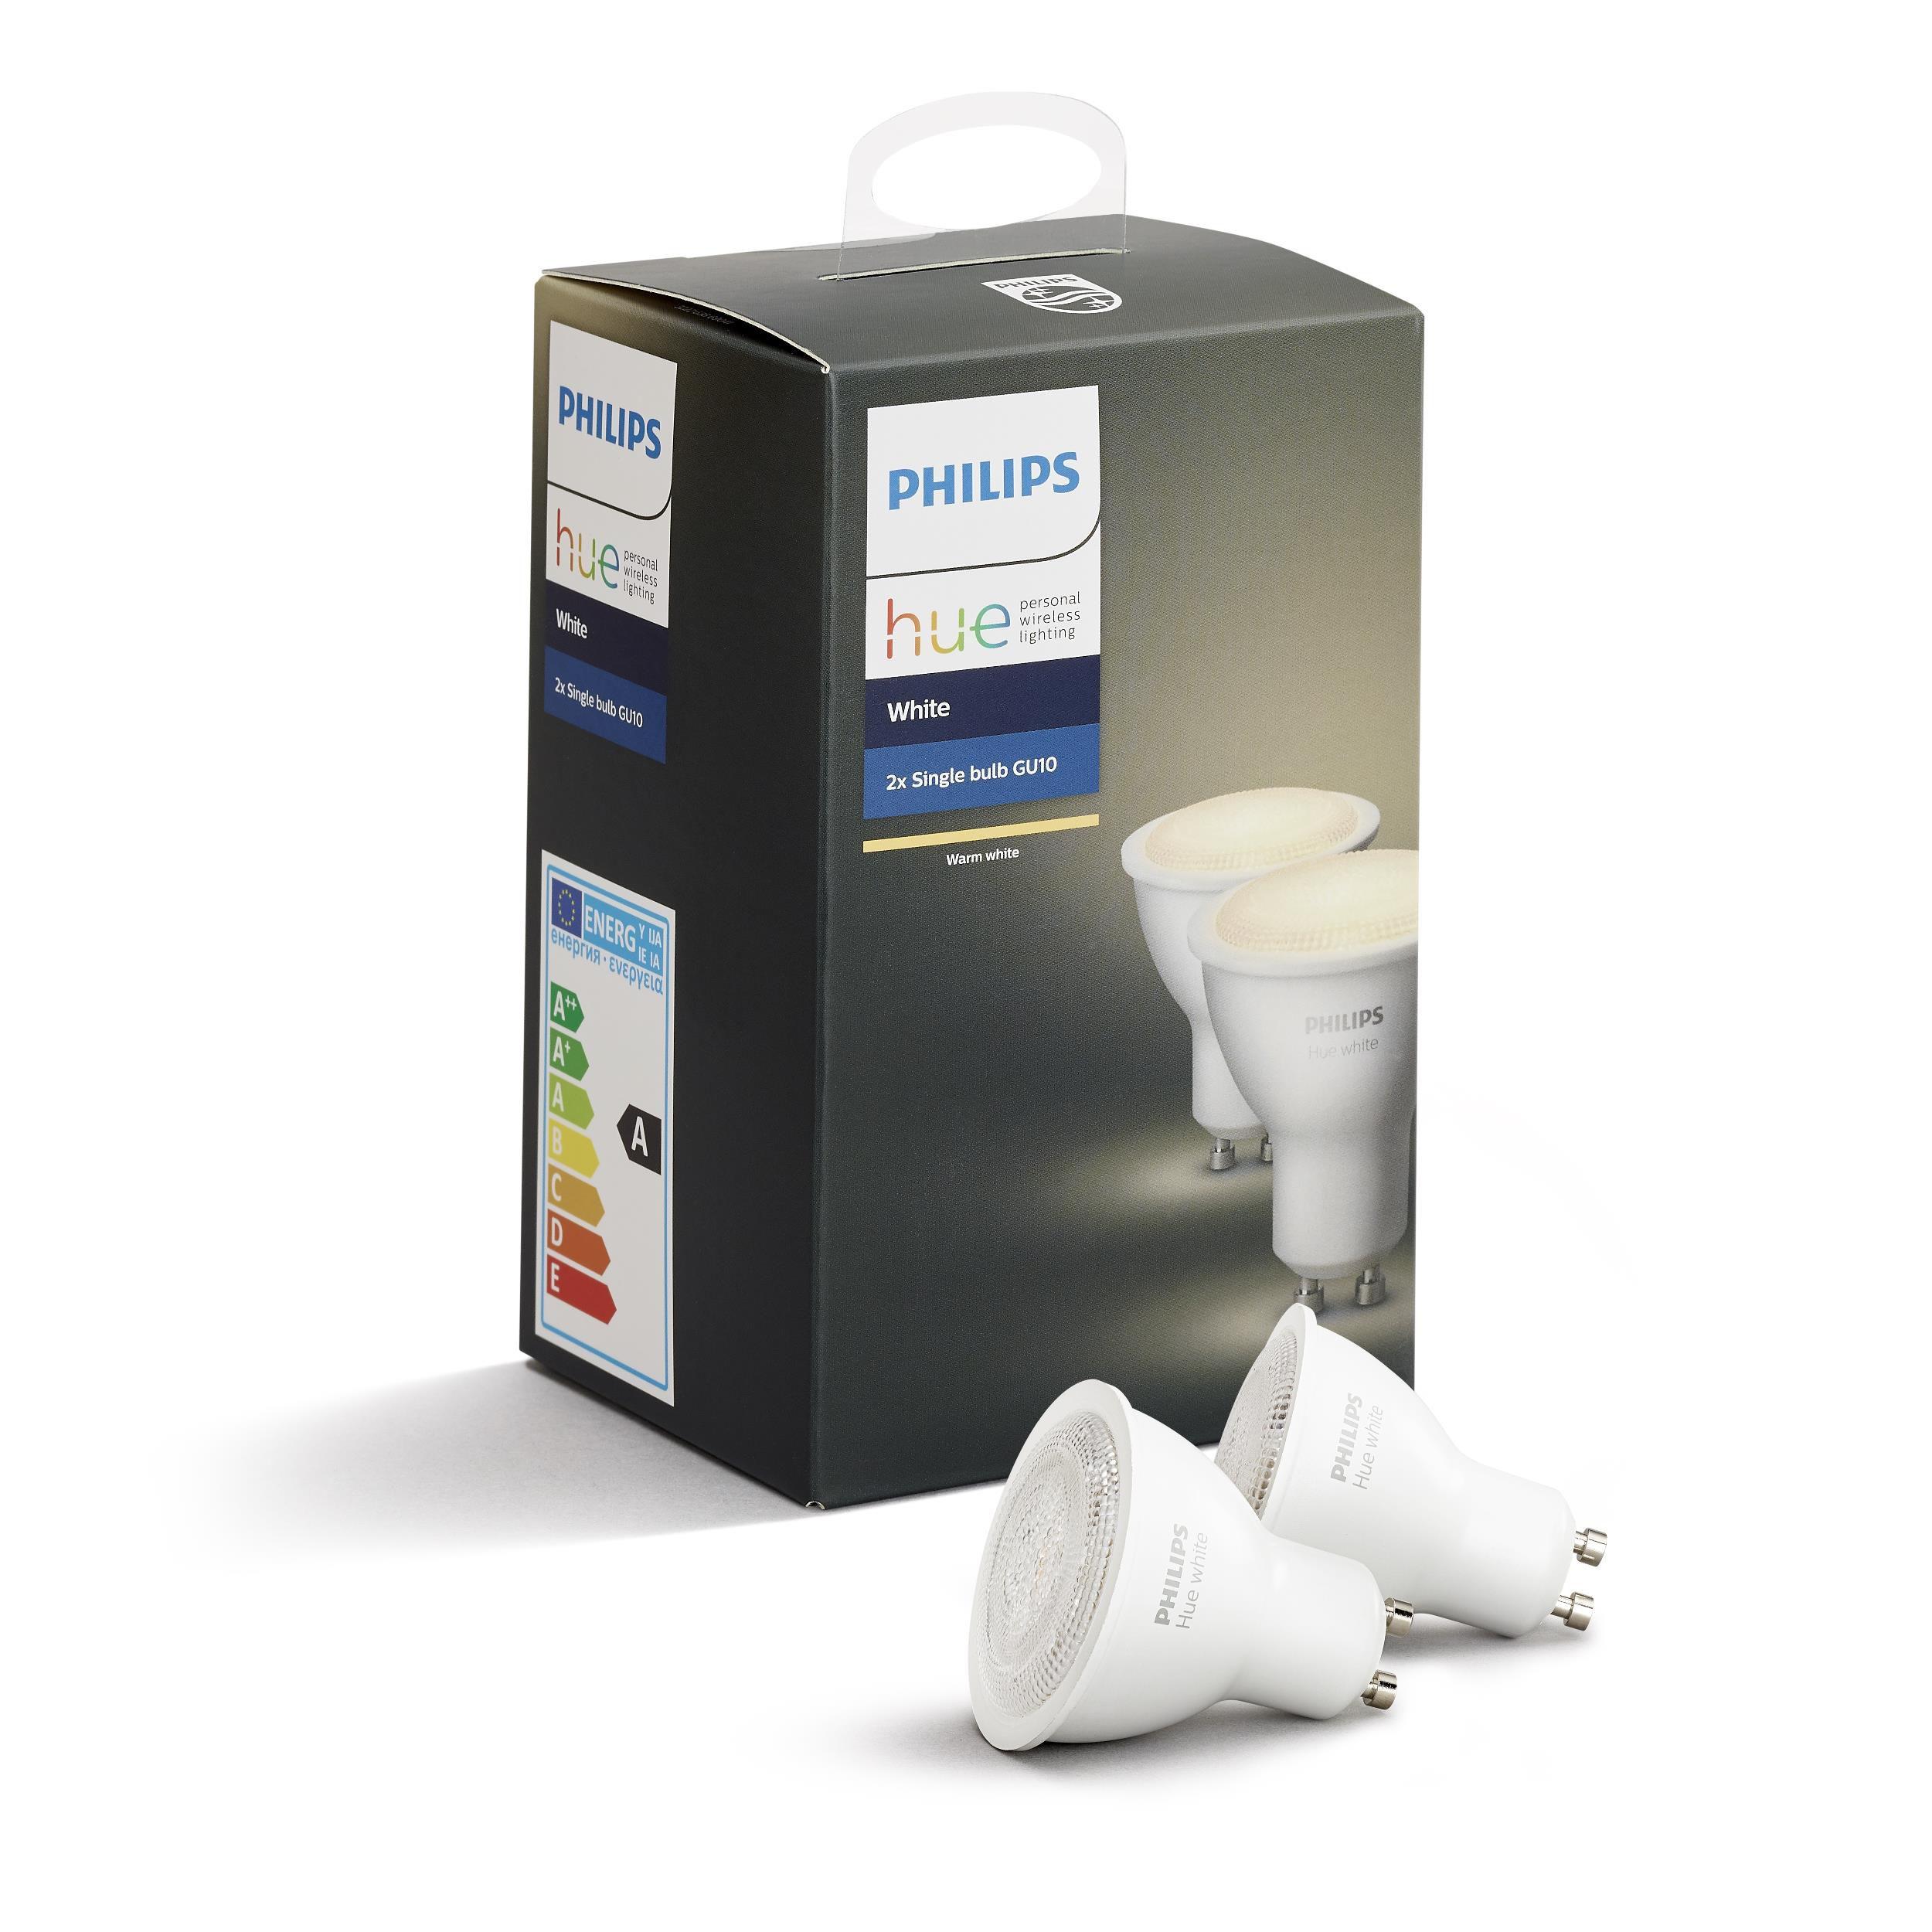 Philips Hue - GU10 Dual Pack - Warm White - Bluetooth